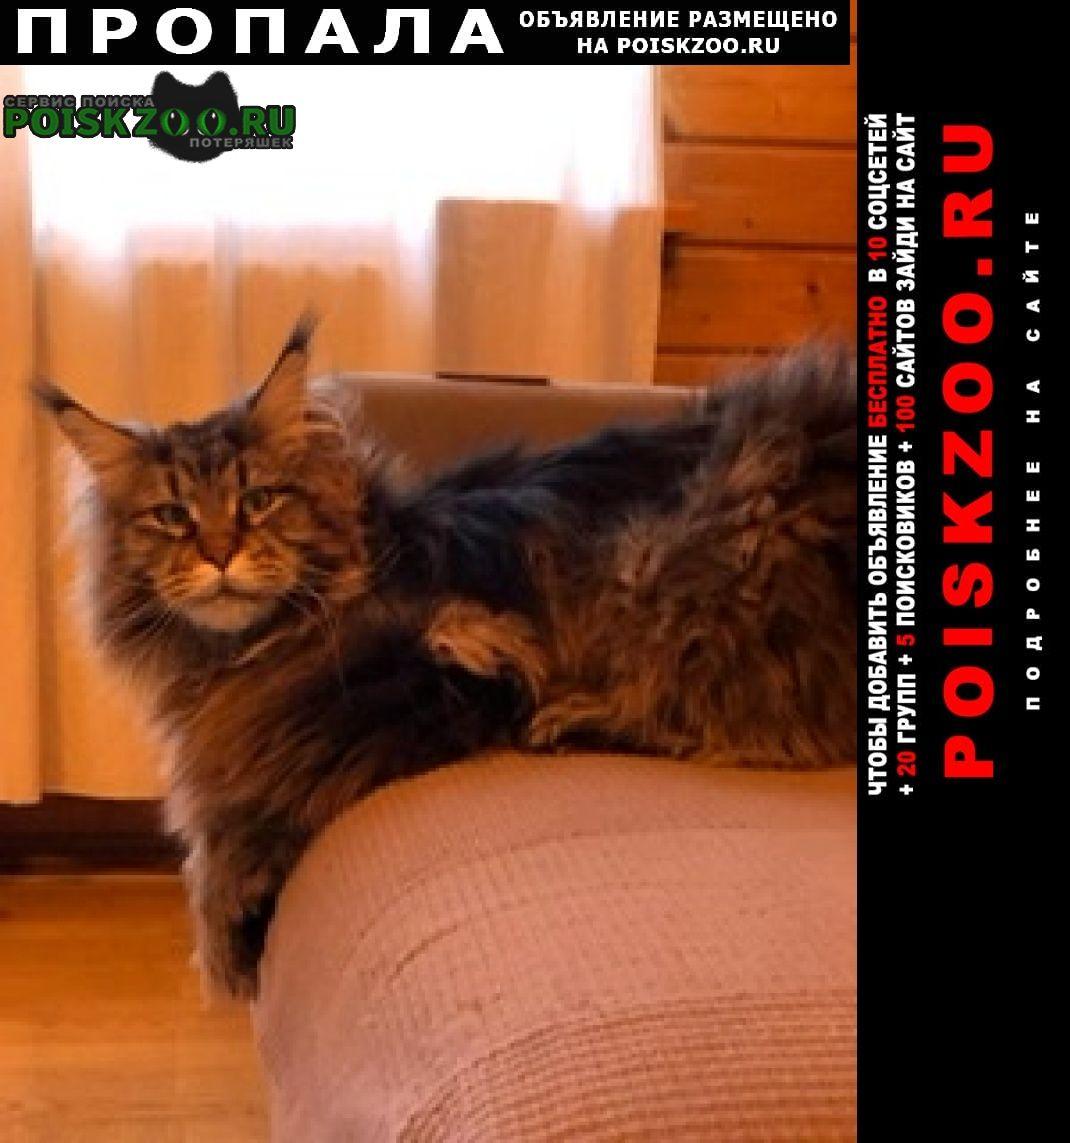 Пропал кот Одинцово